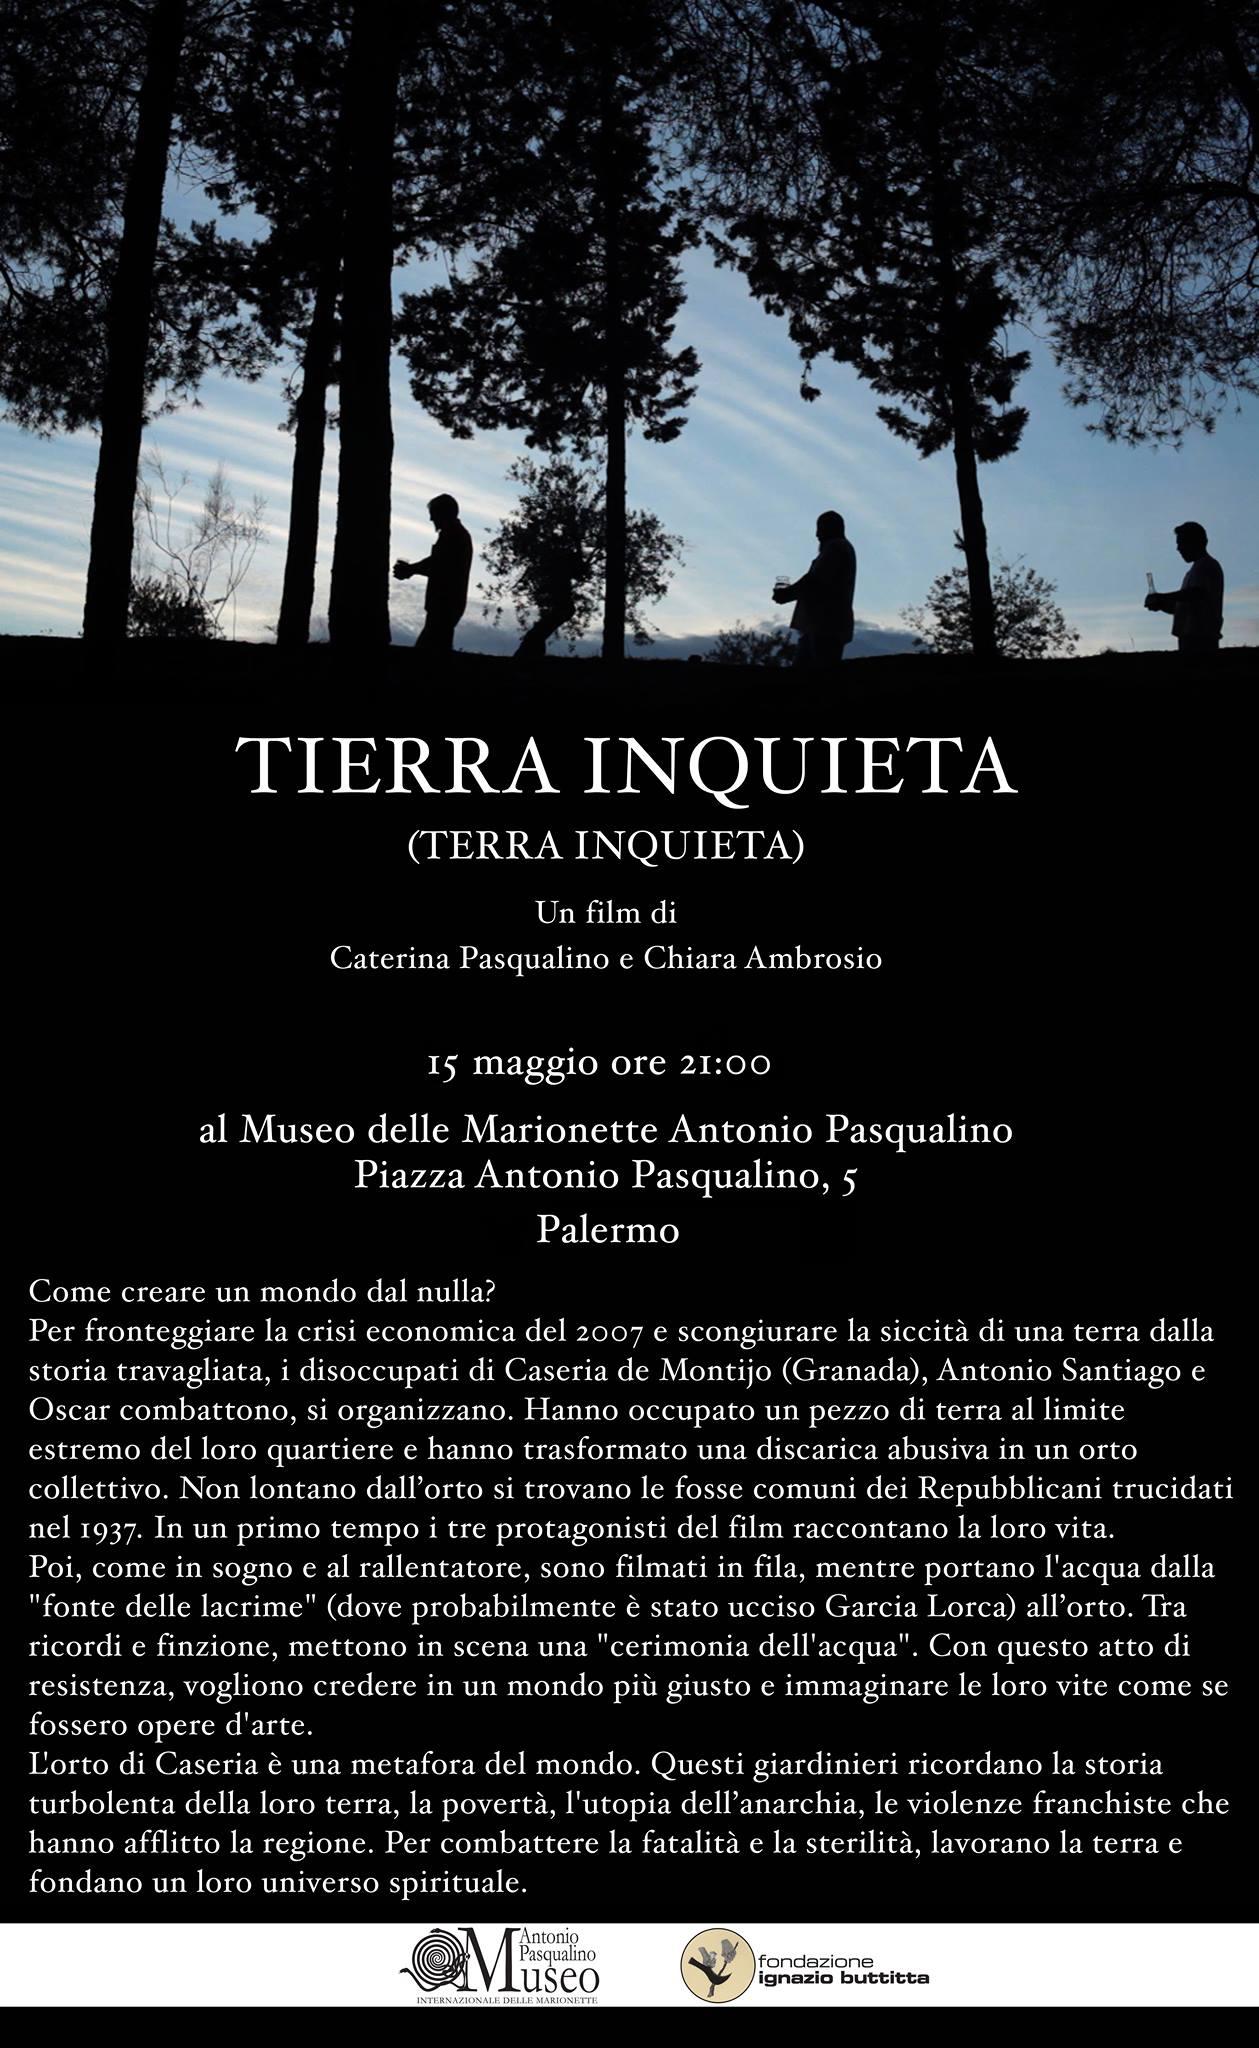 Locandina_Tierra_Inquieta.jpg - 325.29 kB